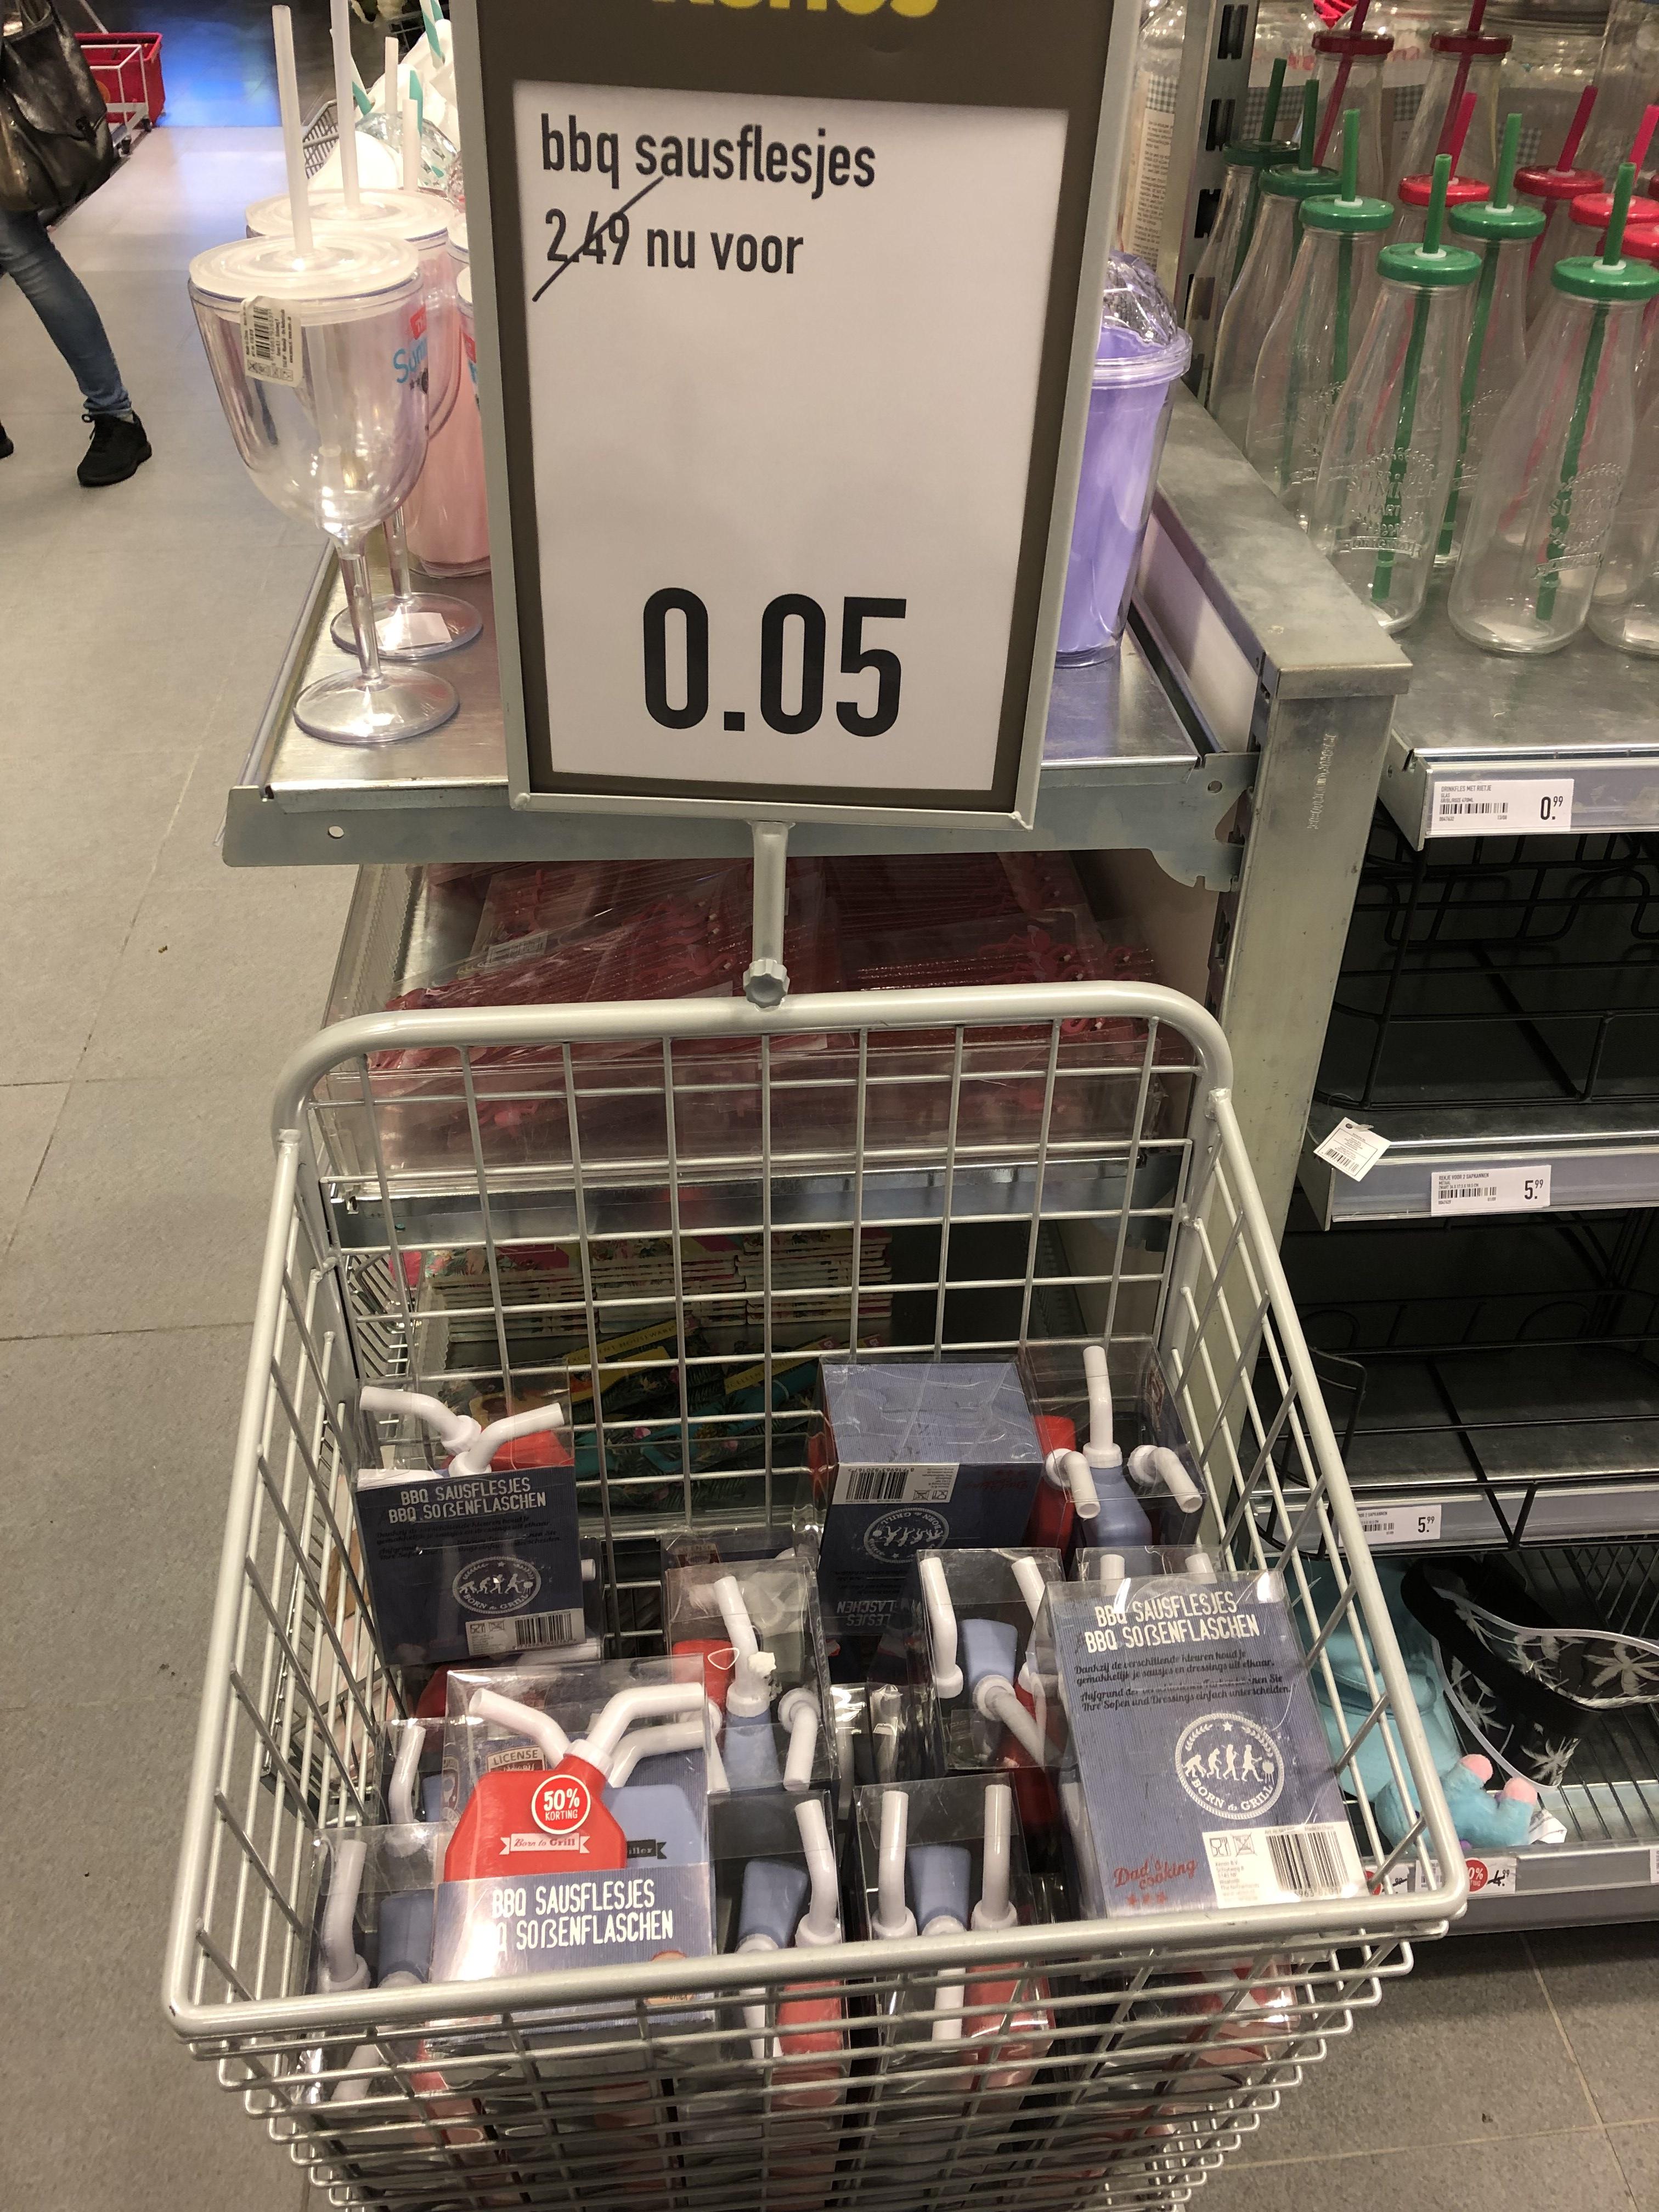 Lokaal?? BBQ sausflesjes voor €0,05 bij Xenos Leeuwarden